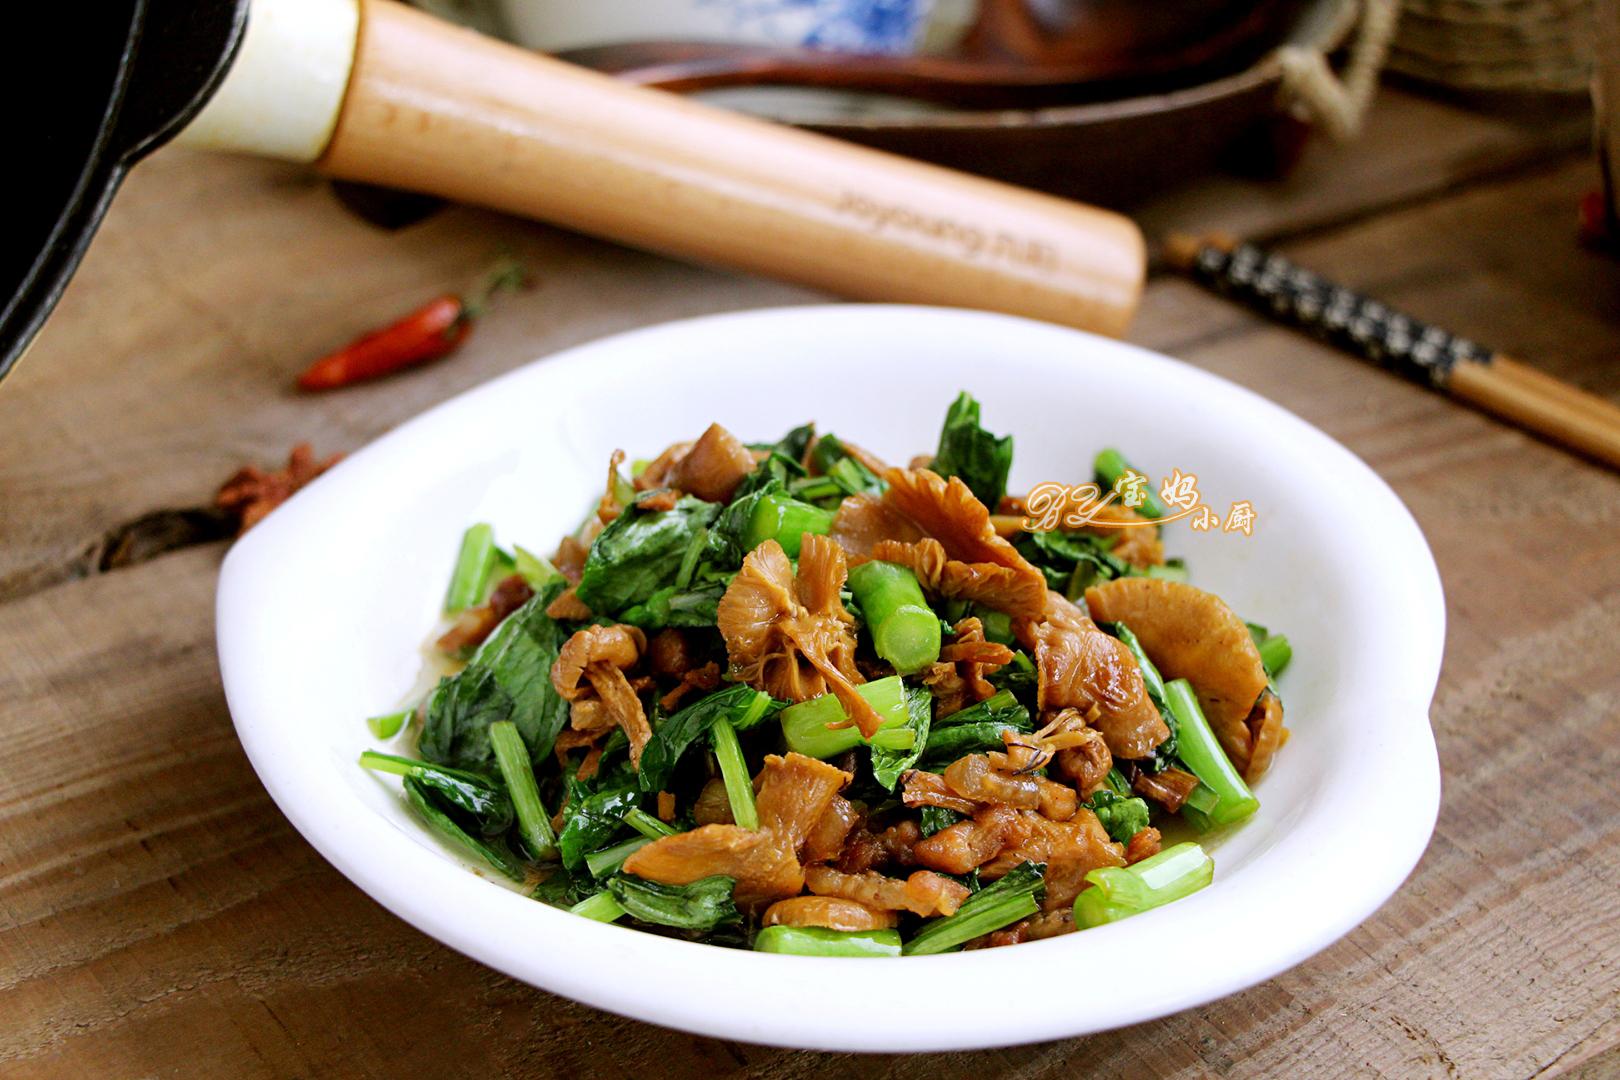 【小黄蘑】小黄蘑的功效_小黄蘑图片_小黄蘑的做法-食材百科_好豆